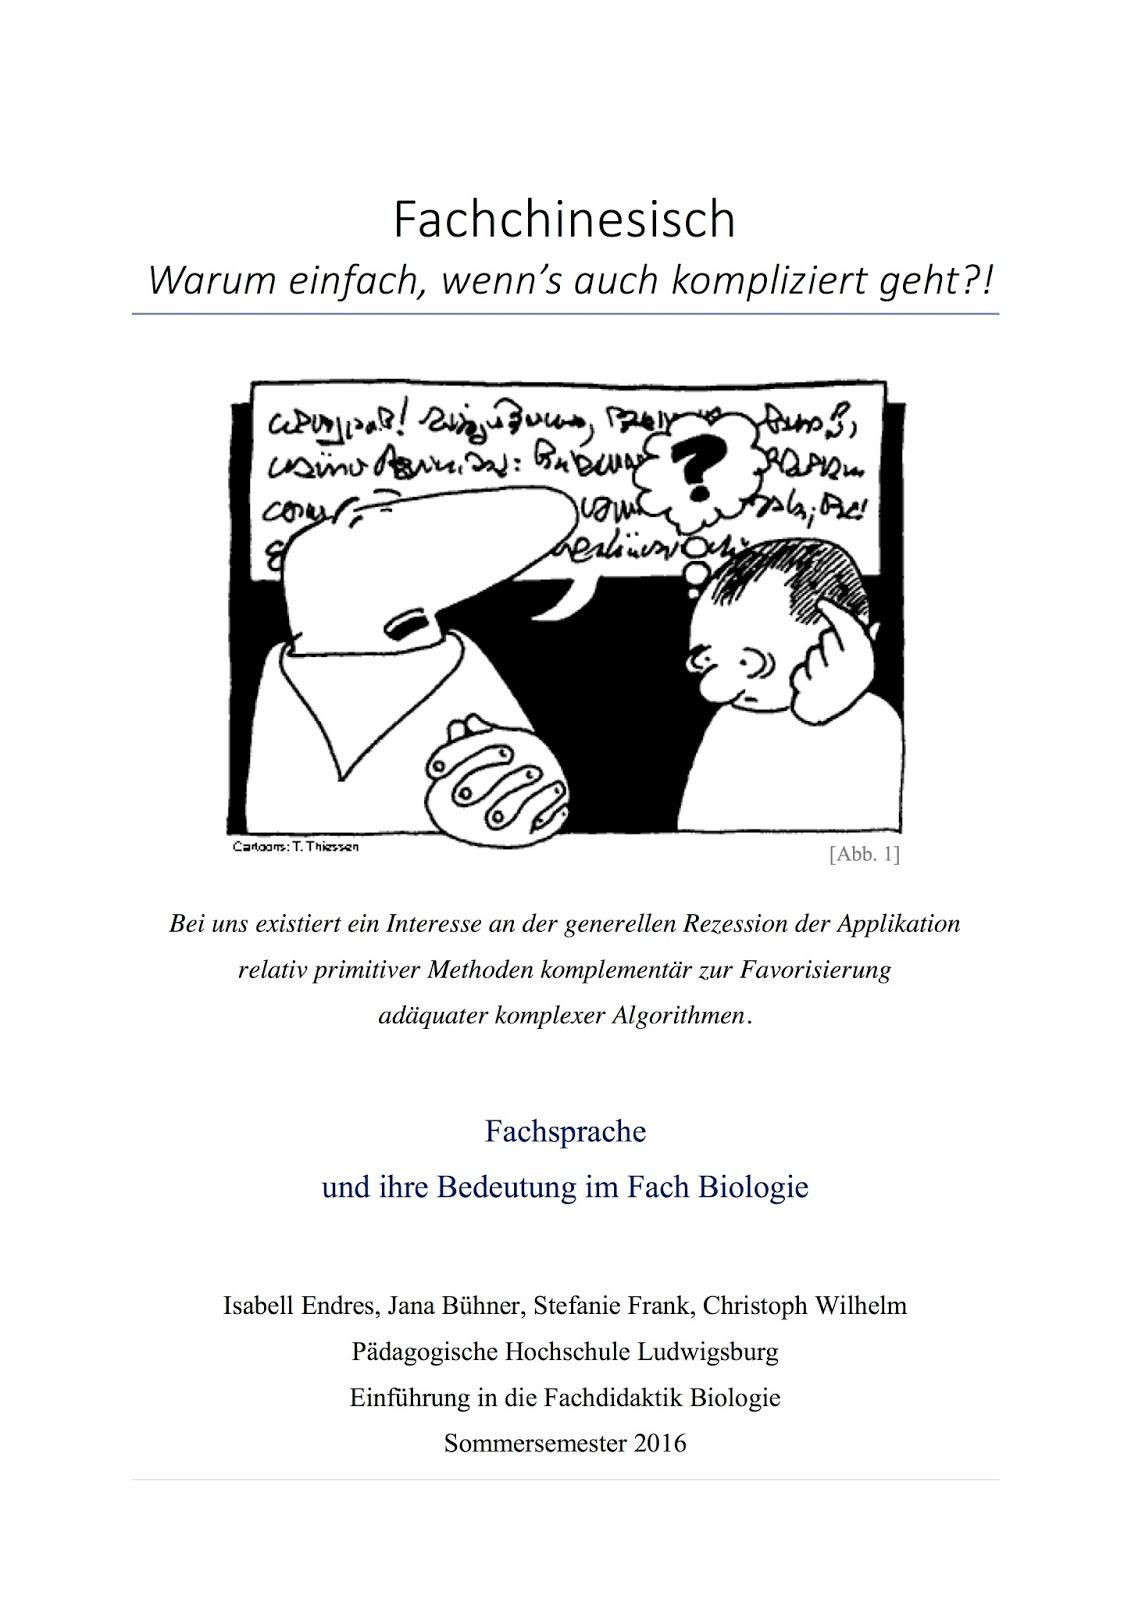 Einführung in die Fachdidaktik: Fachsprache und ihre Bedeutung im ...